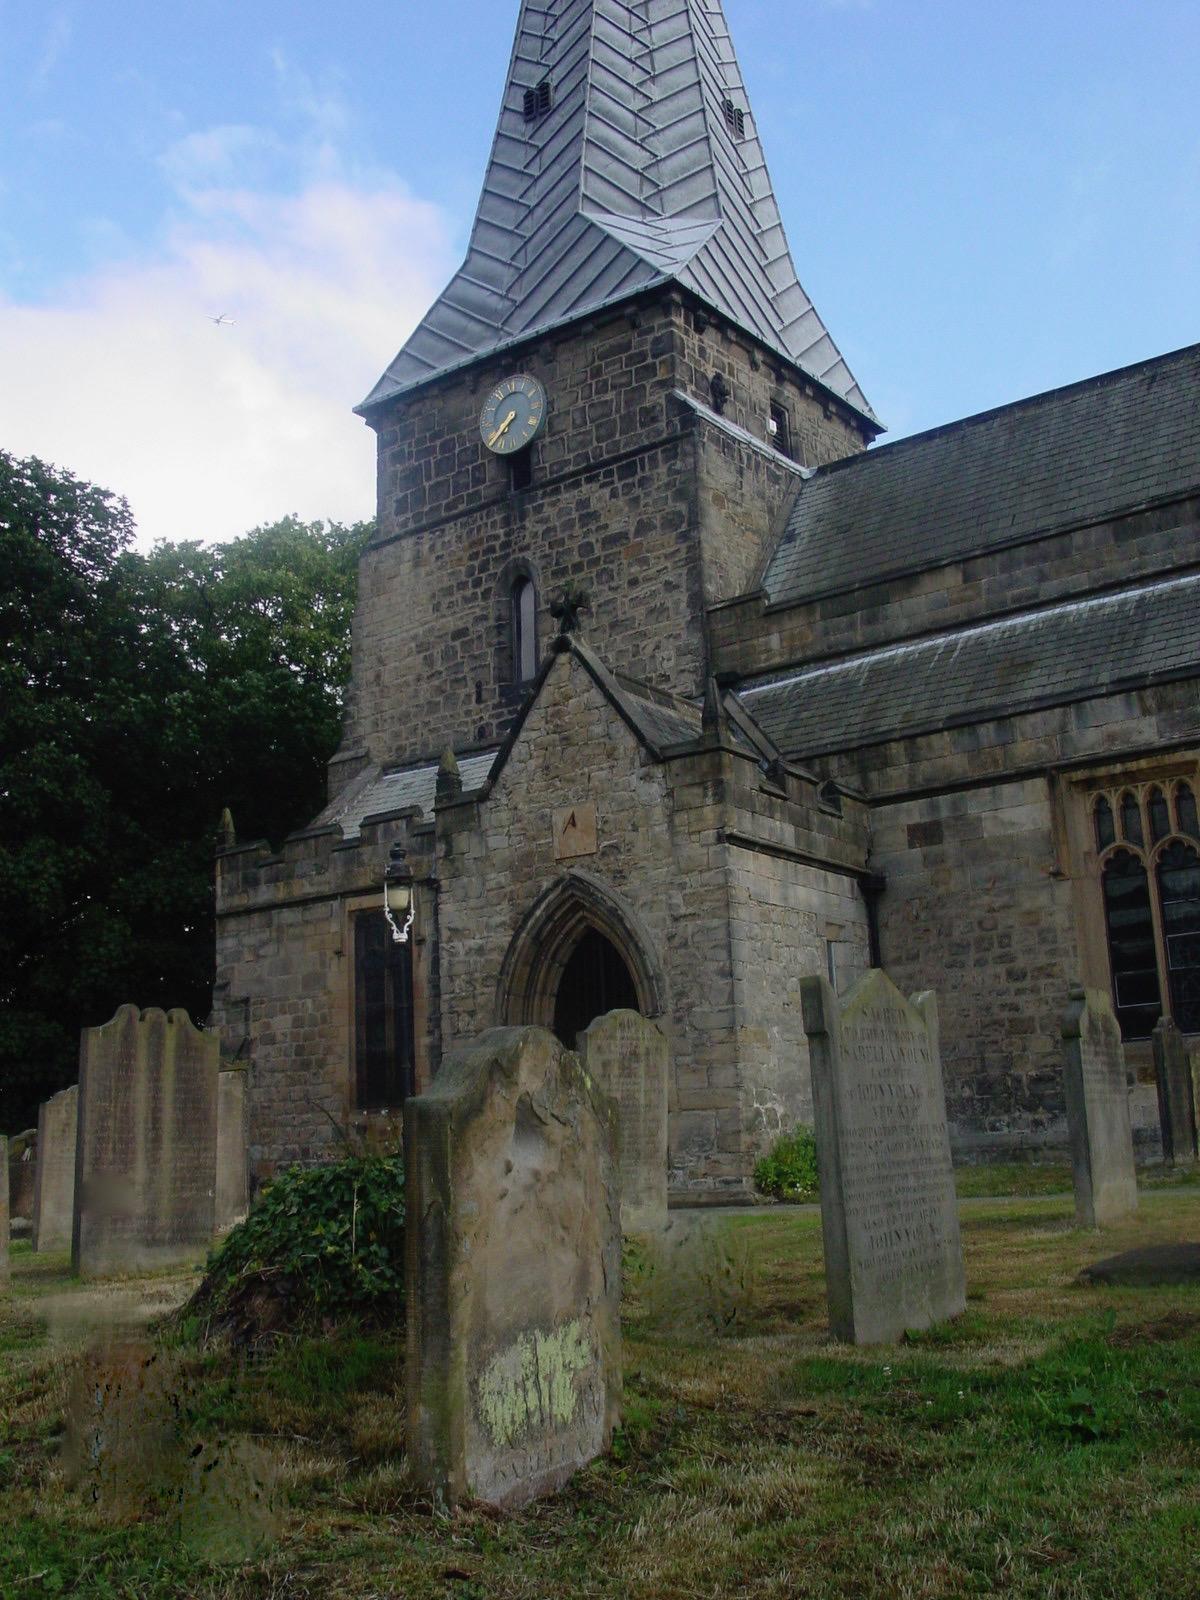 Holy Cross church, Ryton